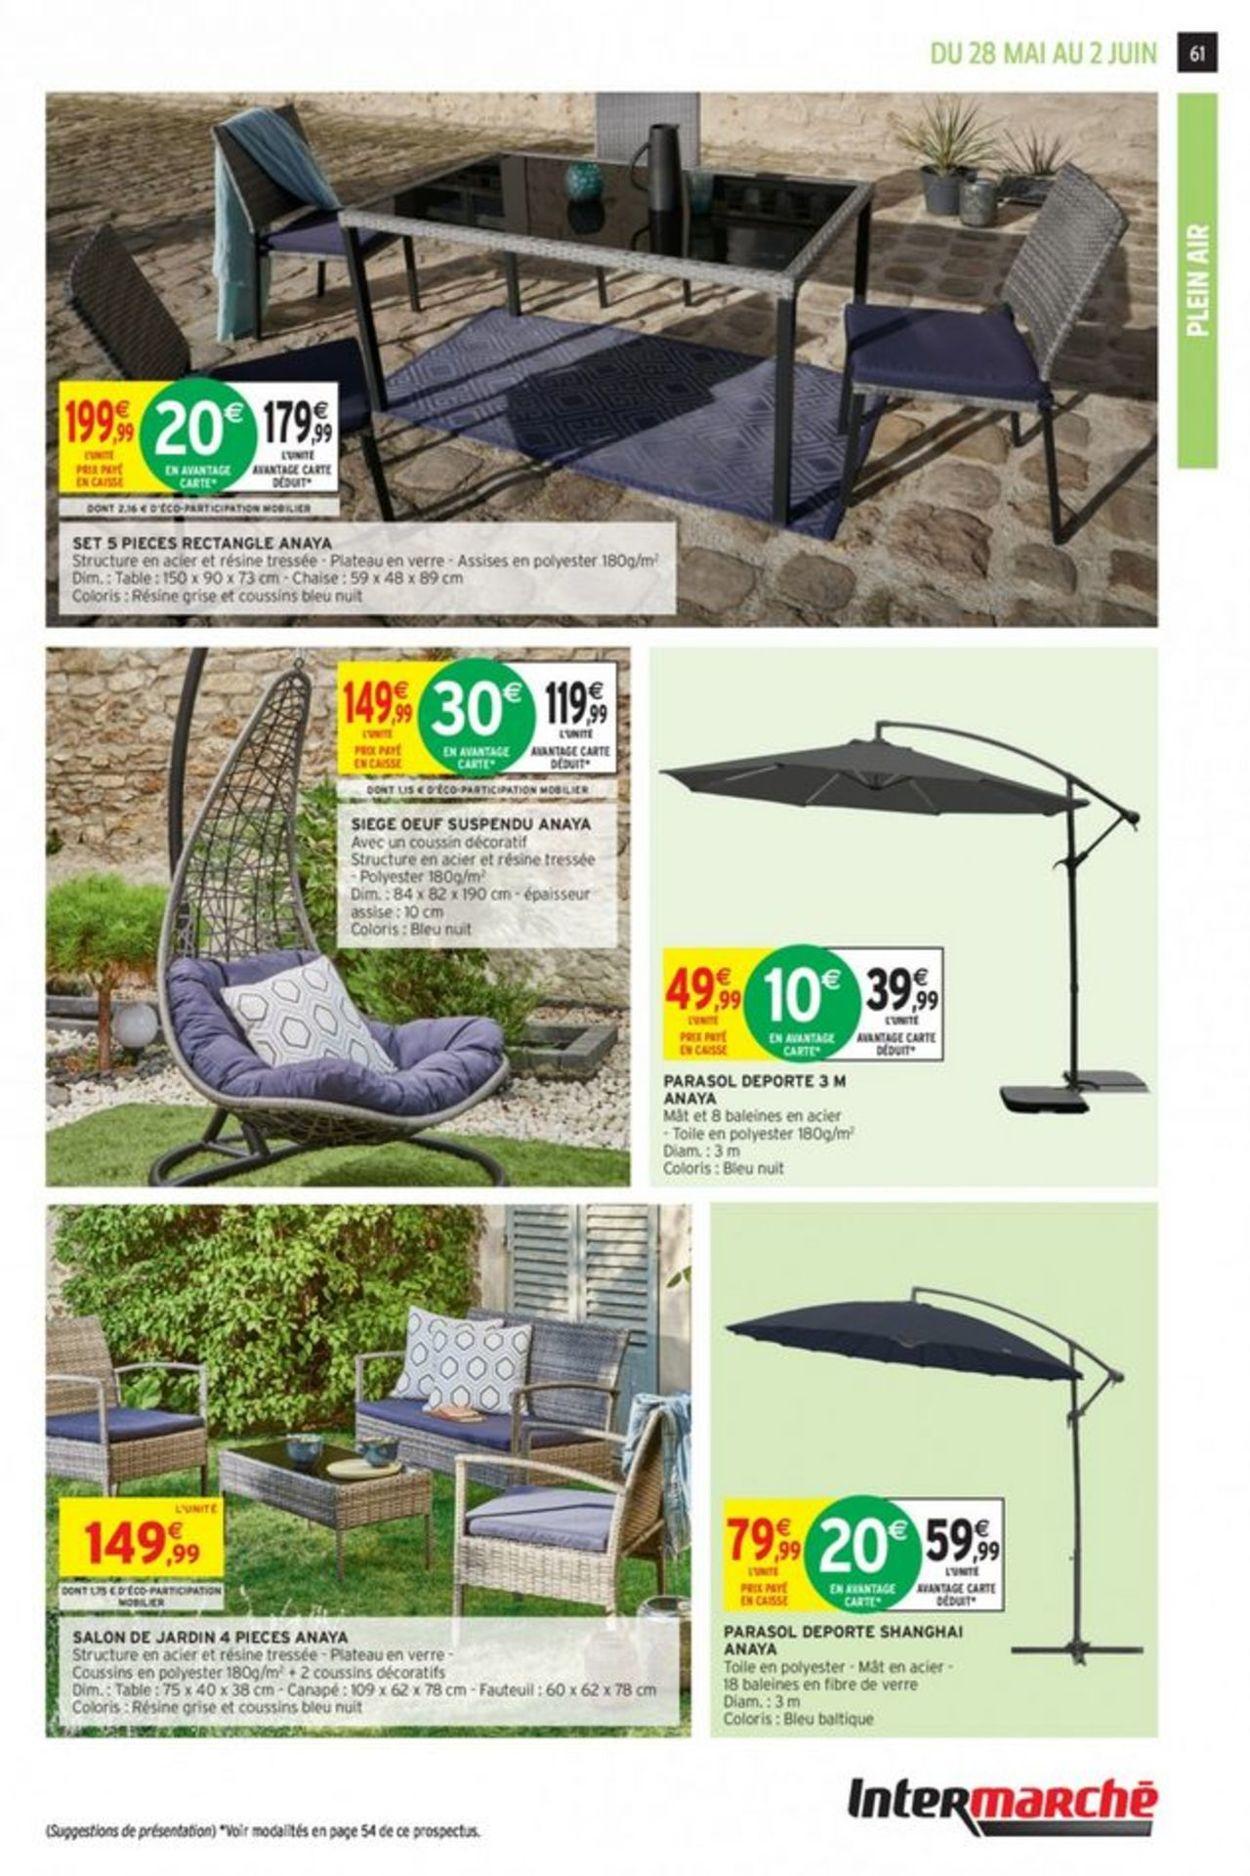 Intermarché Catalogue Actuel 28.05 - 02.06.2019 [59 ... tout Salon De Jardin Intermarché